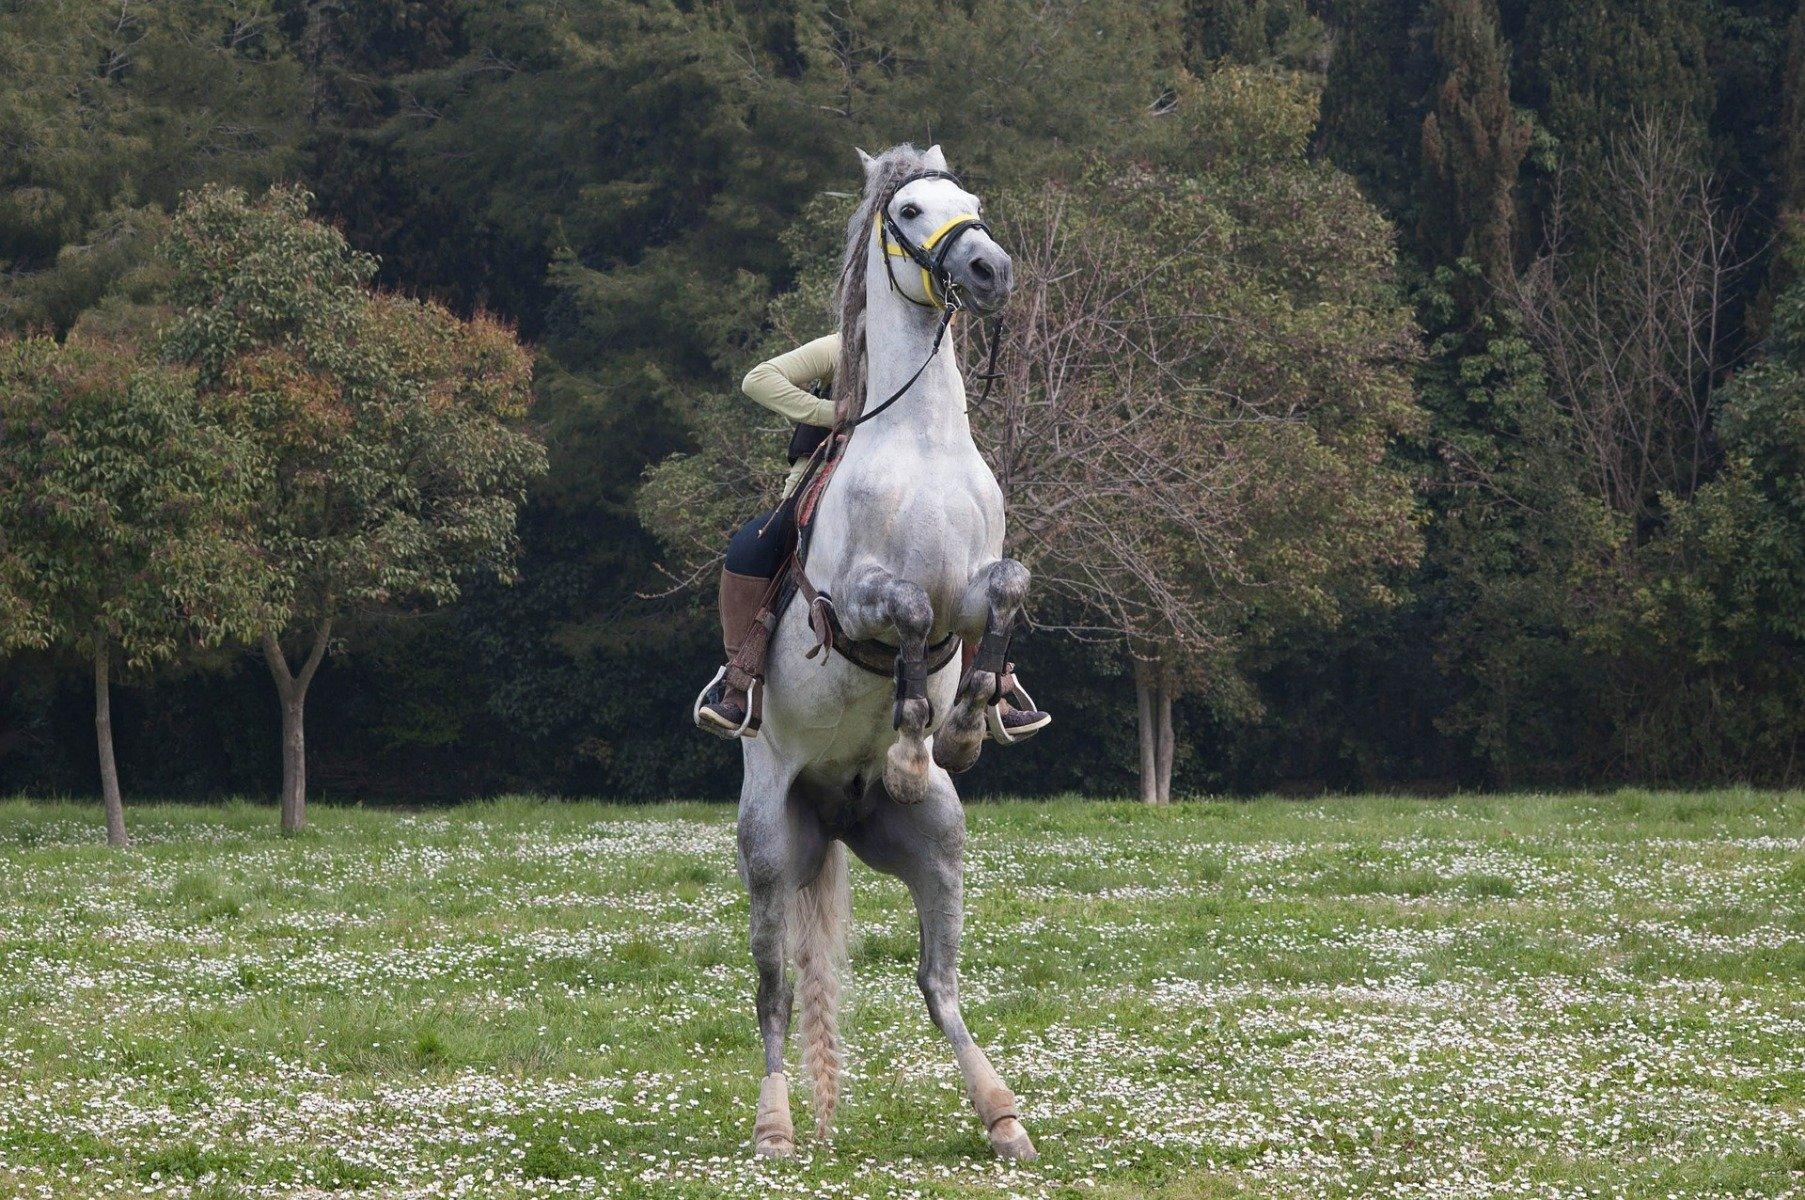 Steigendes Pferd mit Reiter